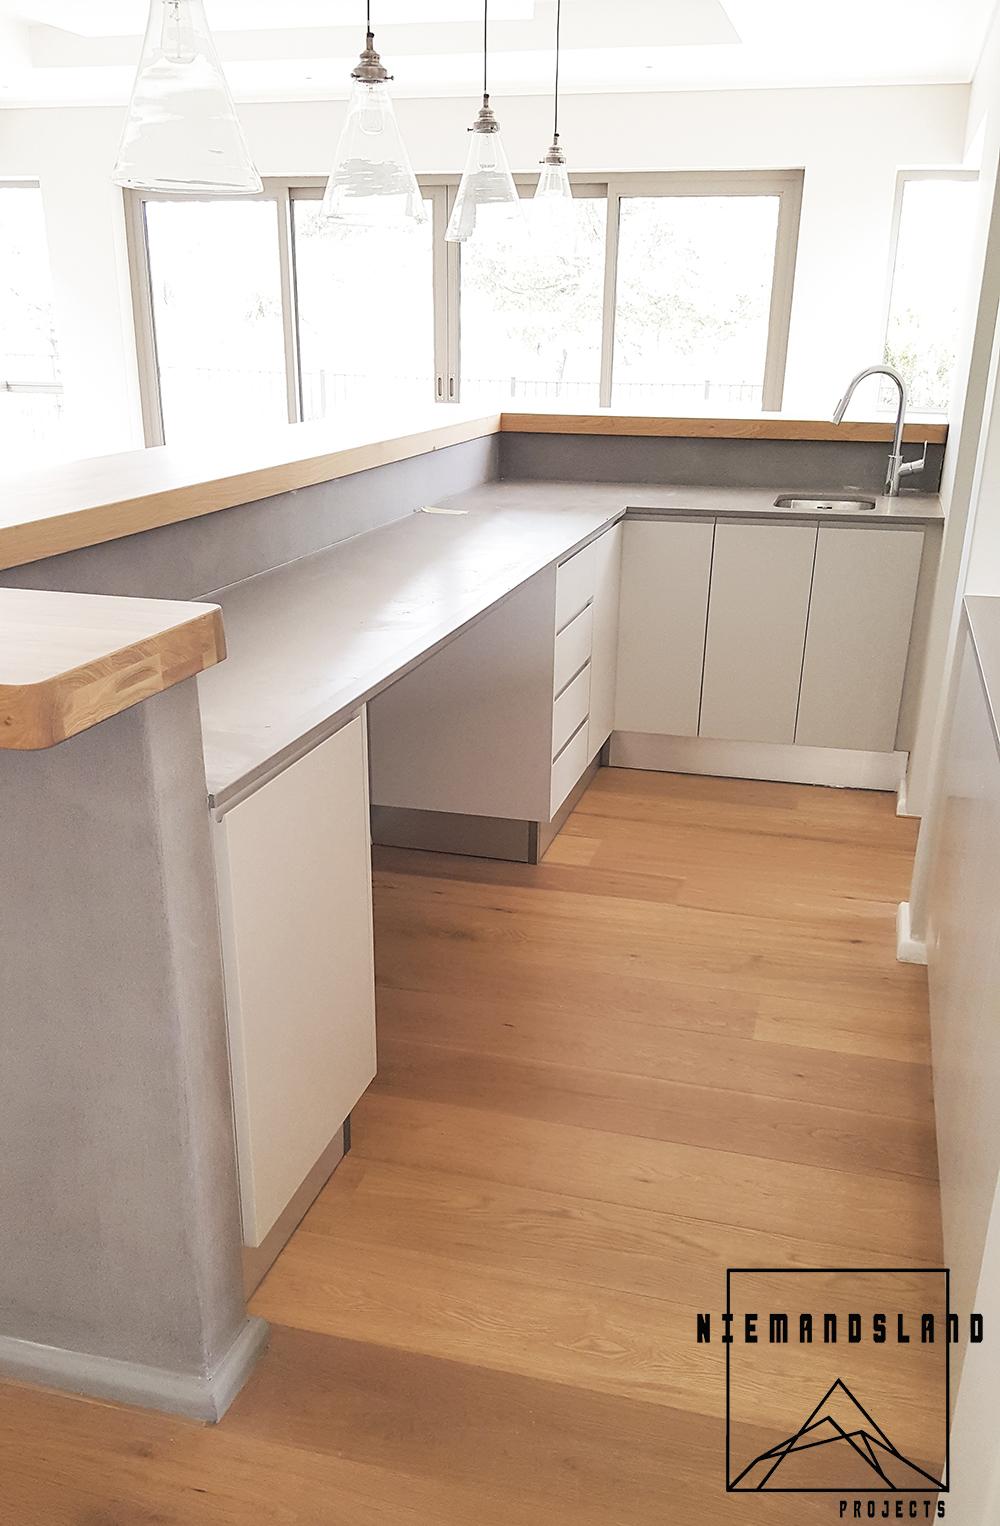 Niemandsland Projects - Cadan cupboards - Cupboards